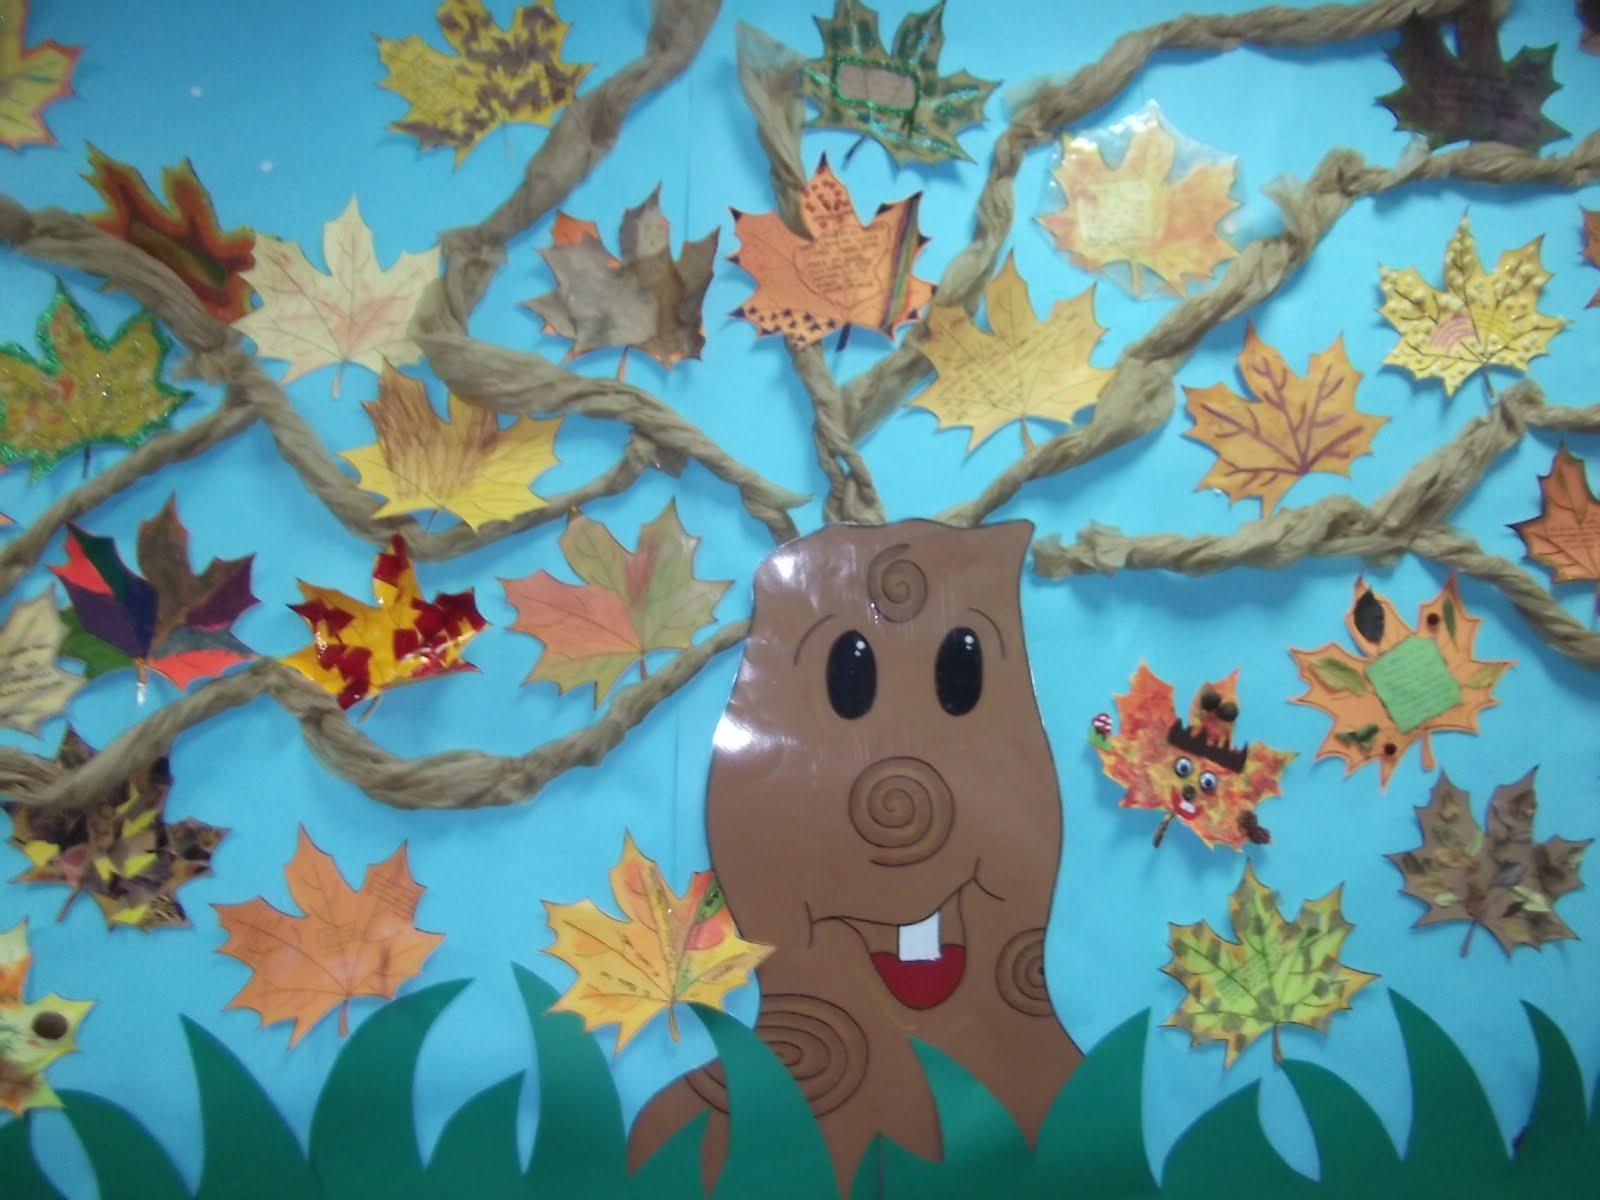 Vamos creciendo noviembre 2012 - Decorar hojas de otono ...